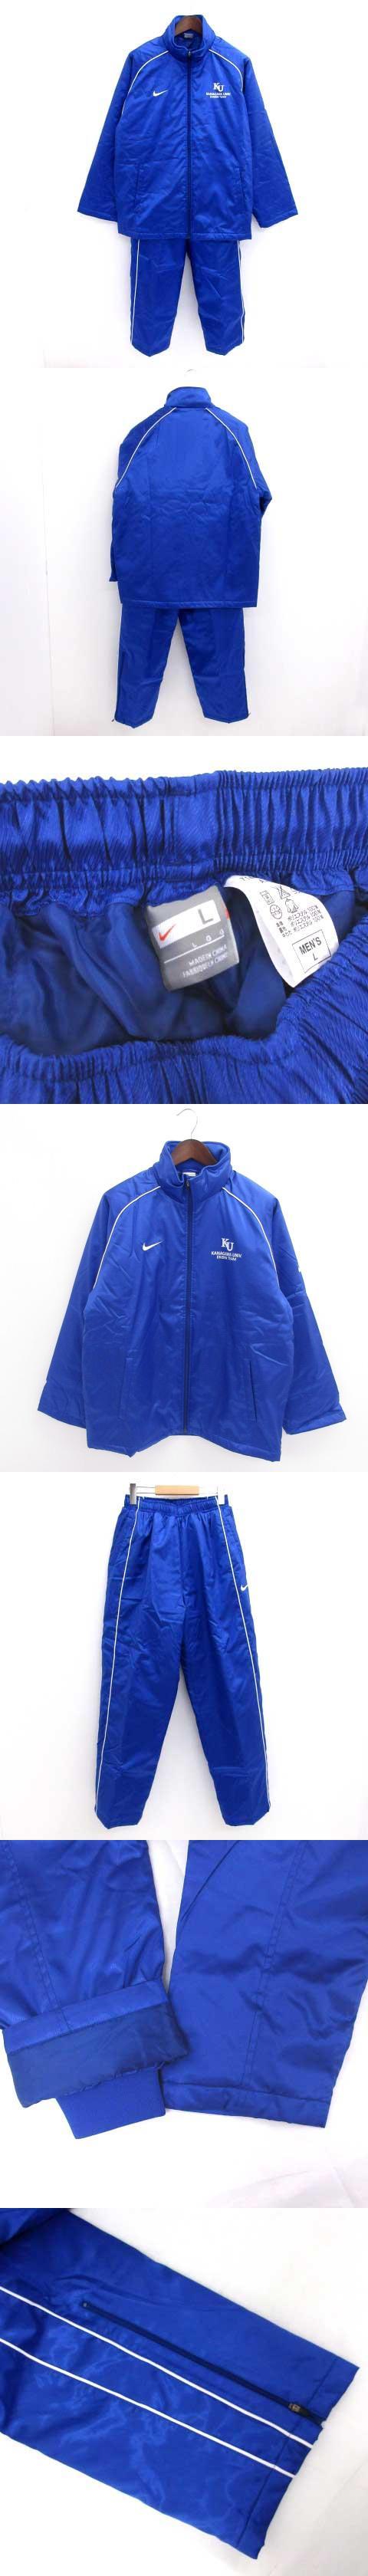 美品 神奈川大学 ジャージ 上下 フルジップ 中綿入り ロゴ ブルー 青 L